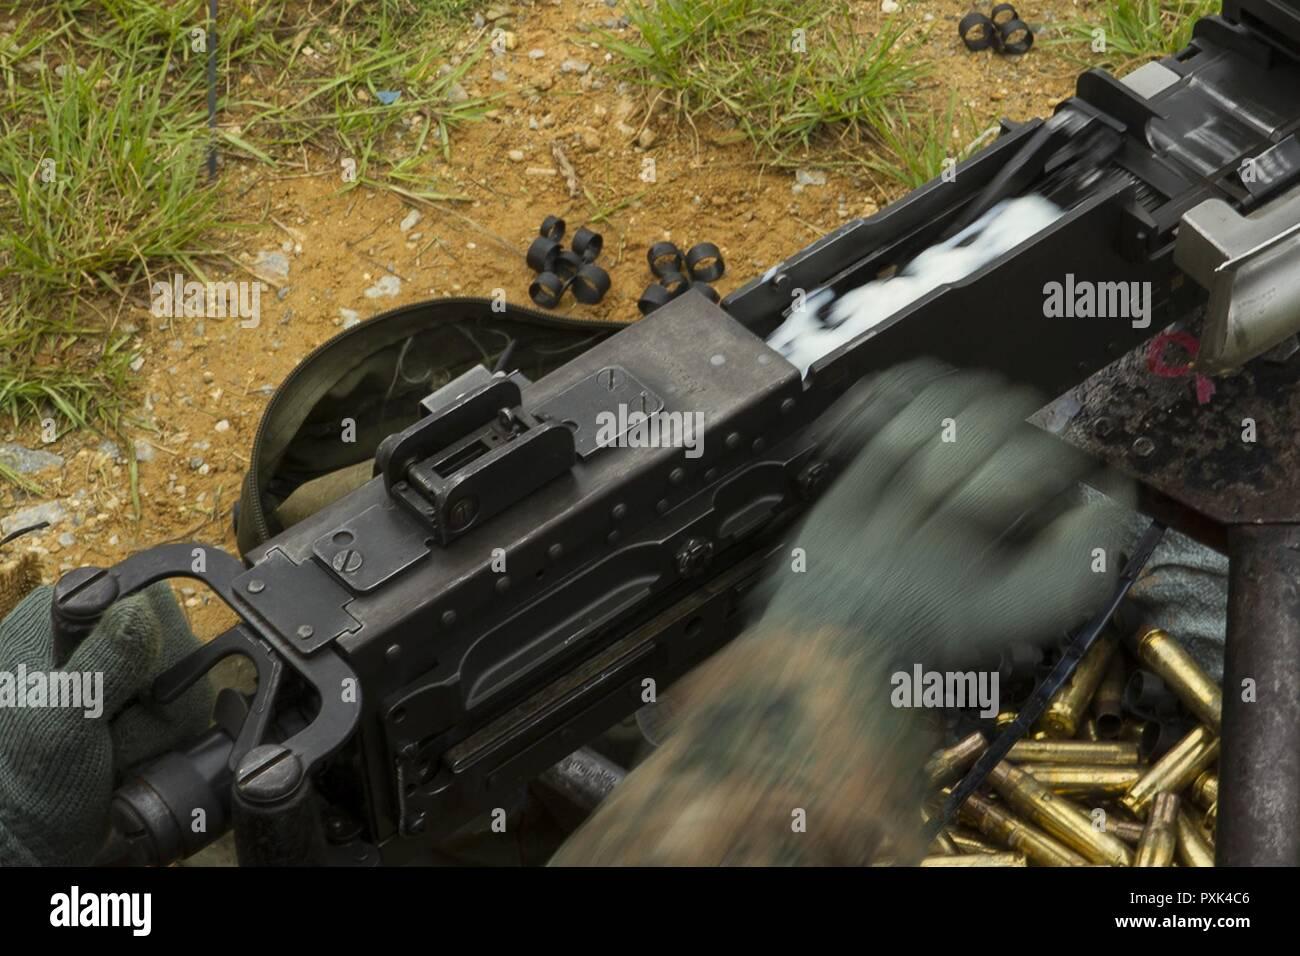 M2 50 Cal Machine Gun Stock Photos & M2 50 Cal Machine Gun